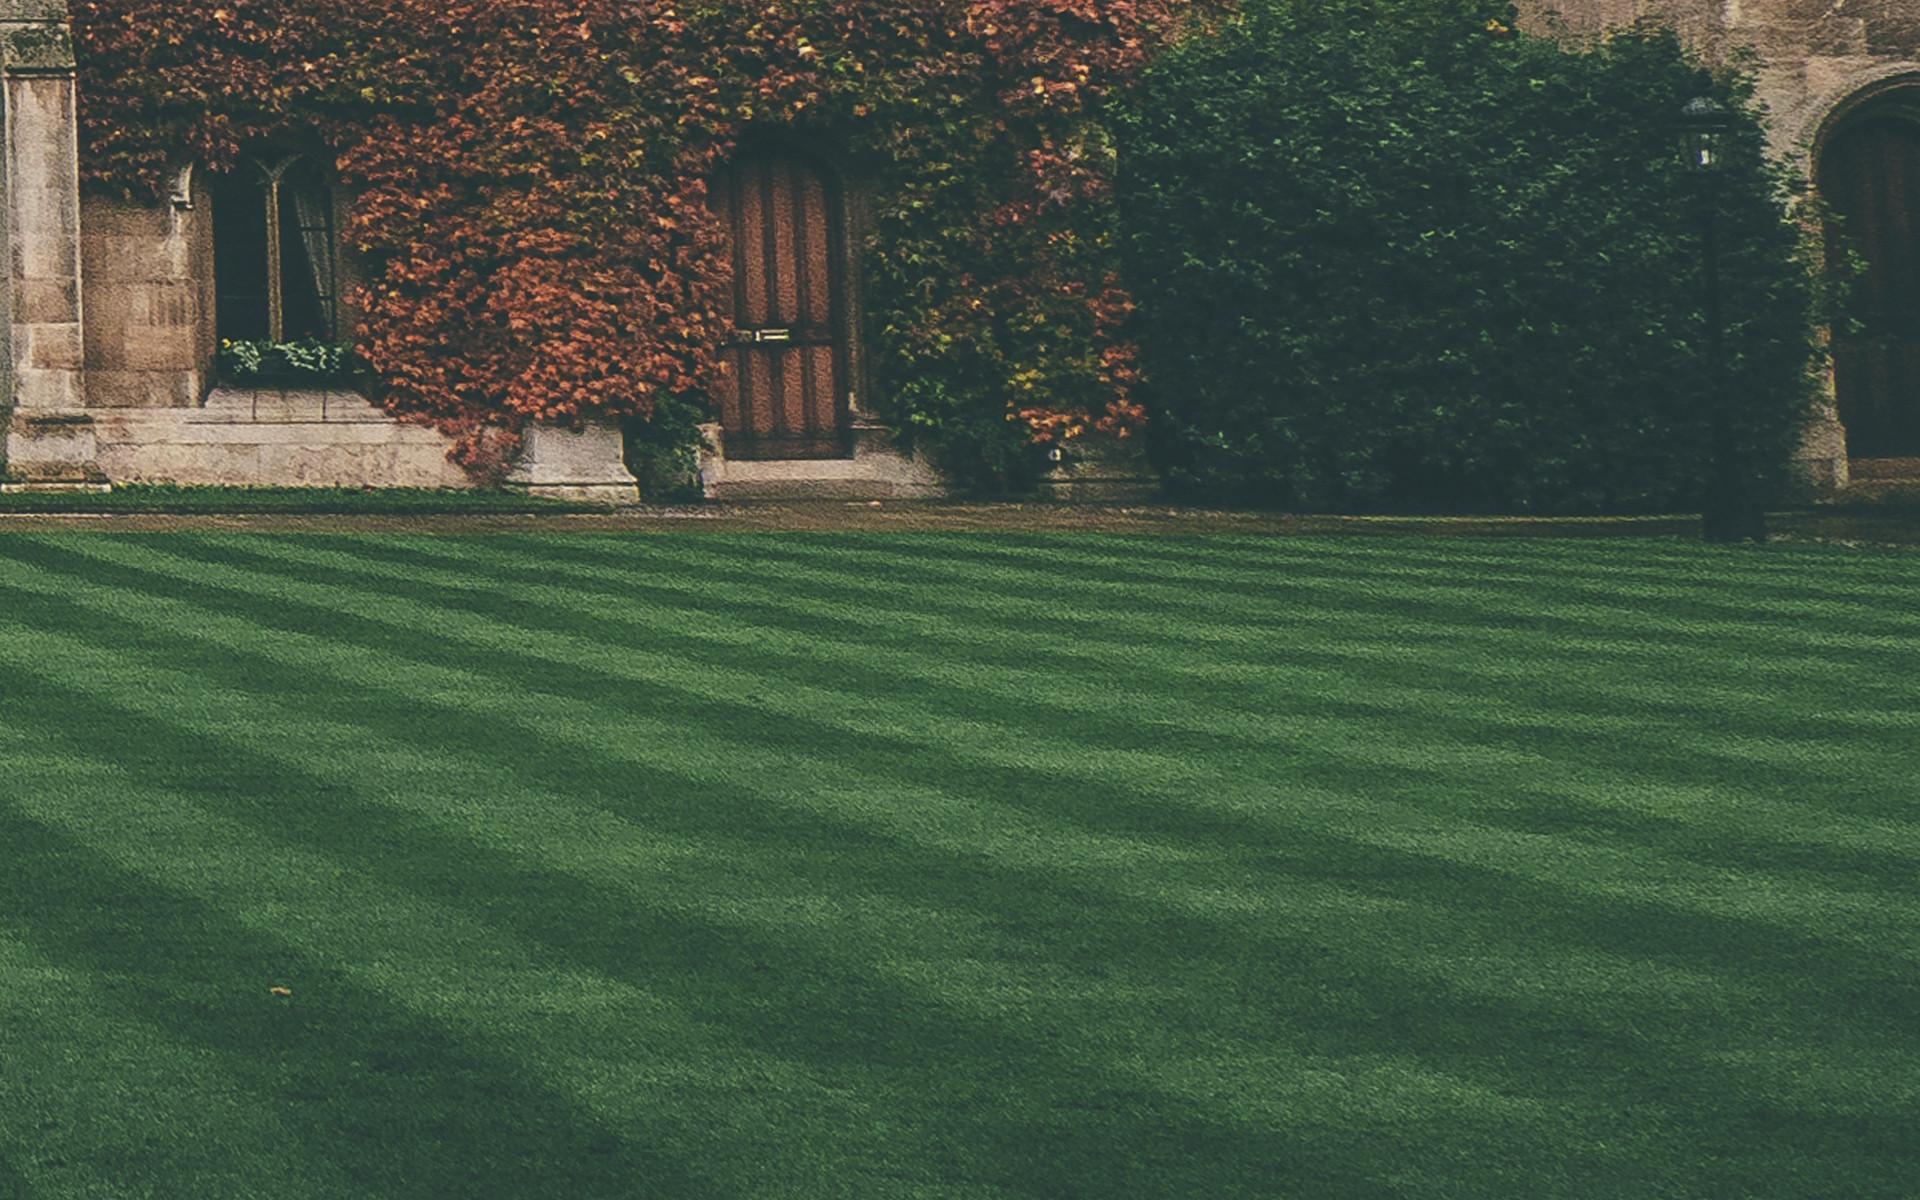 Manutenzione Giardini Milano E Provincia giardinieri | idealverde s.r.l. | milano, provincia e assago